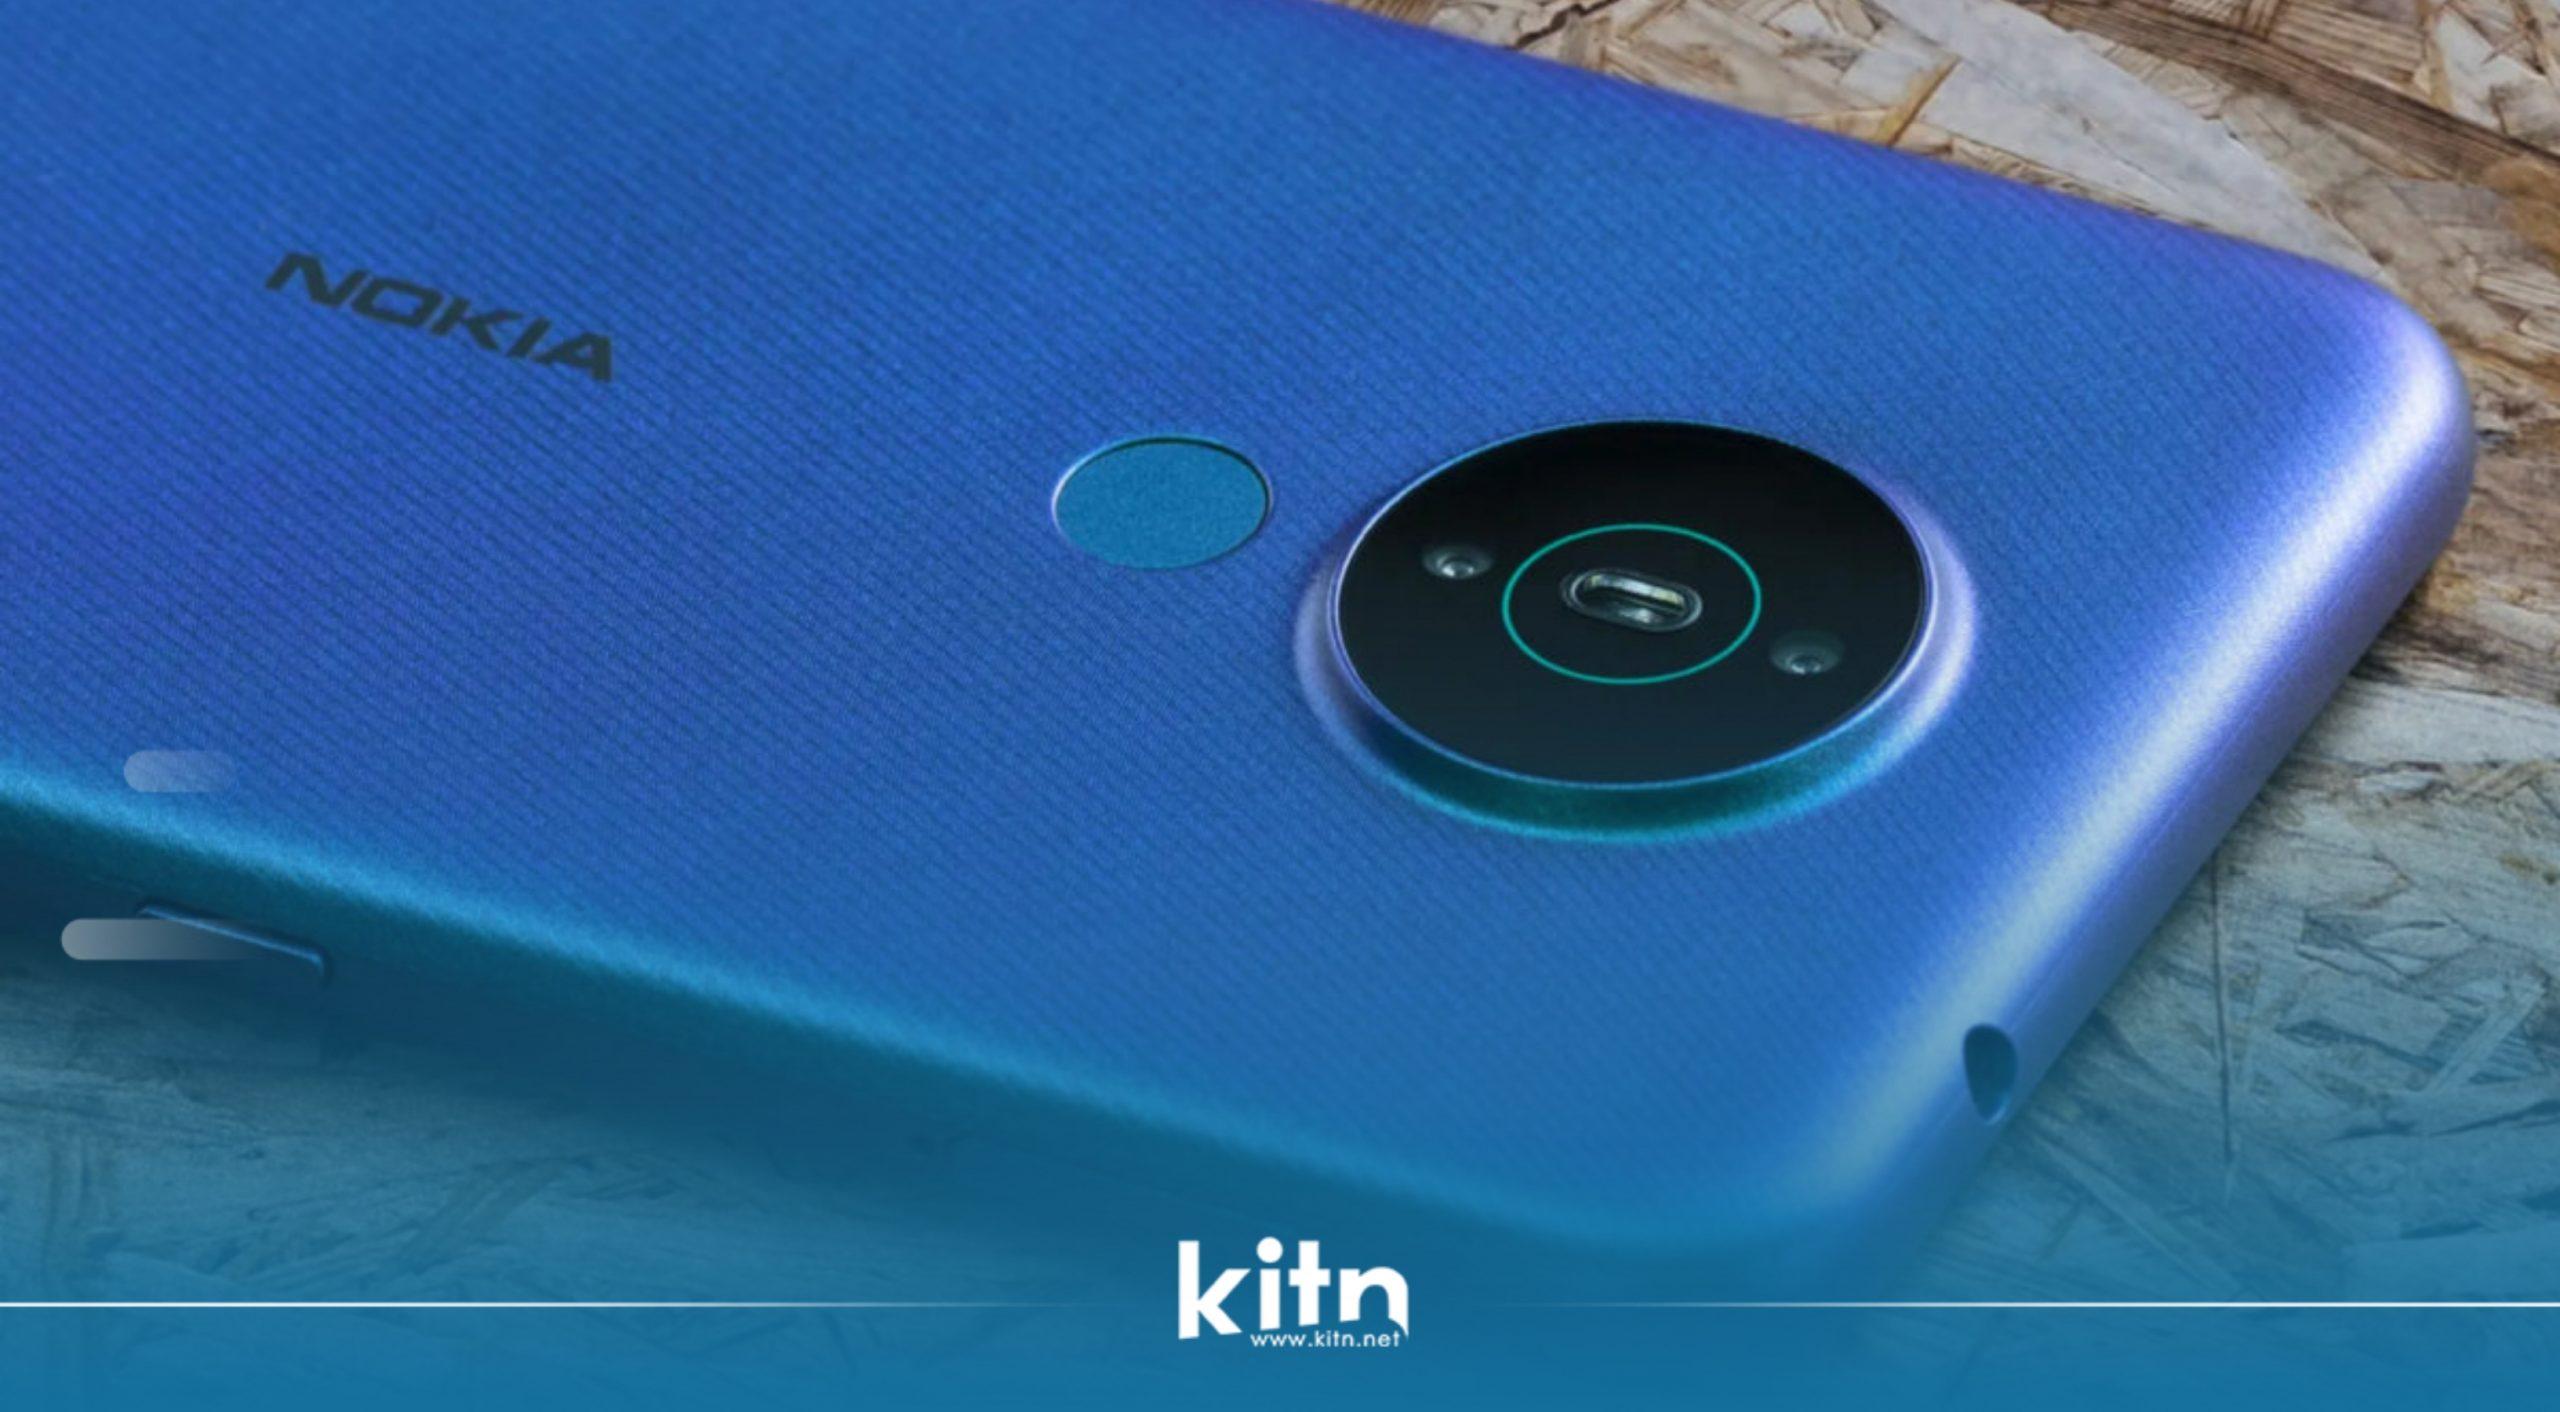 بە فەرمی مۆبایلی Nokia 1.4 بە ڕوونمایەکی قەبارە 6.51 ئینجی و نرخی 99 یۆرۆ نمایش کرا